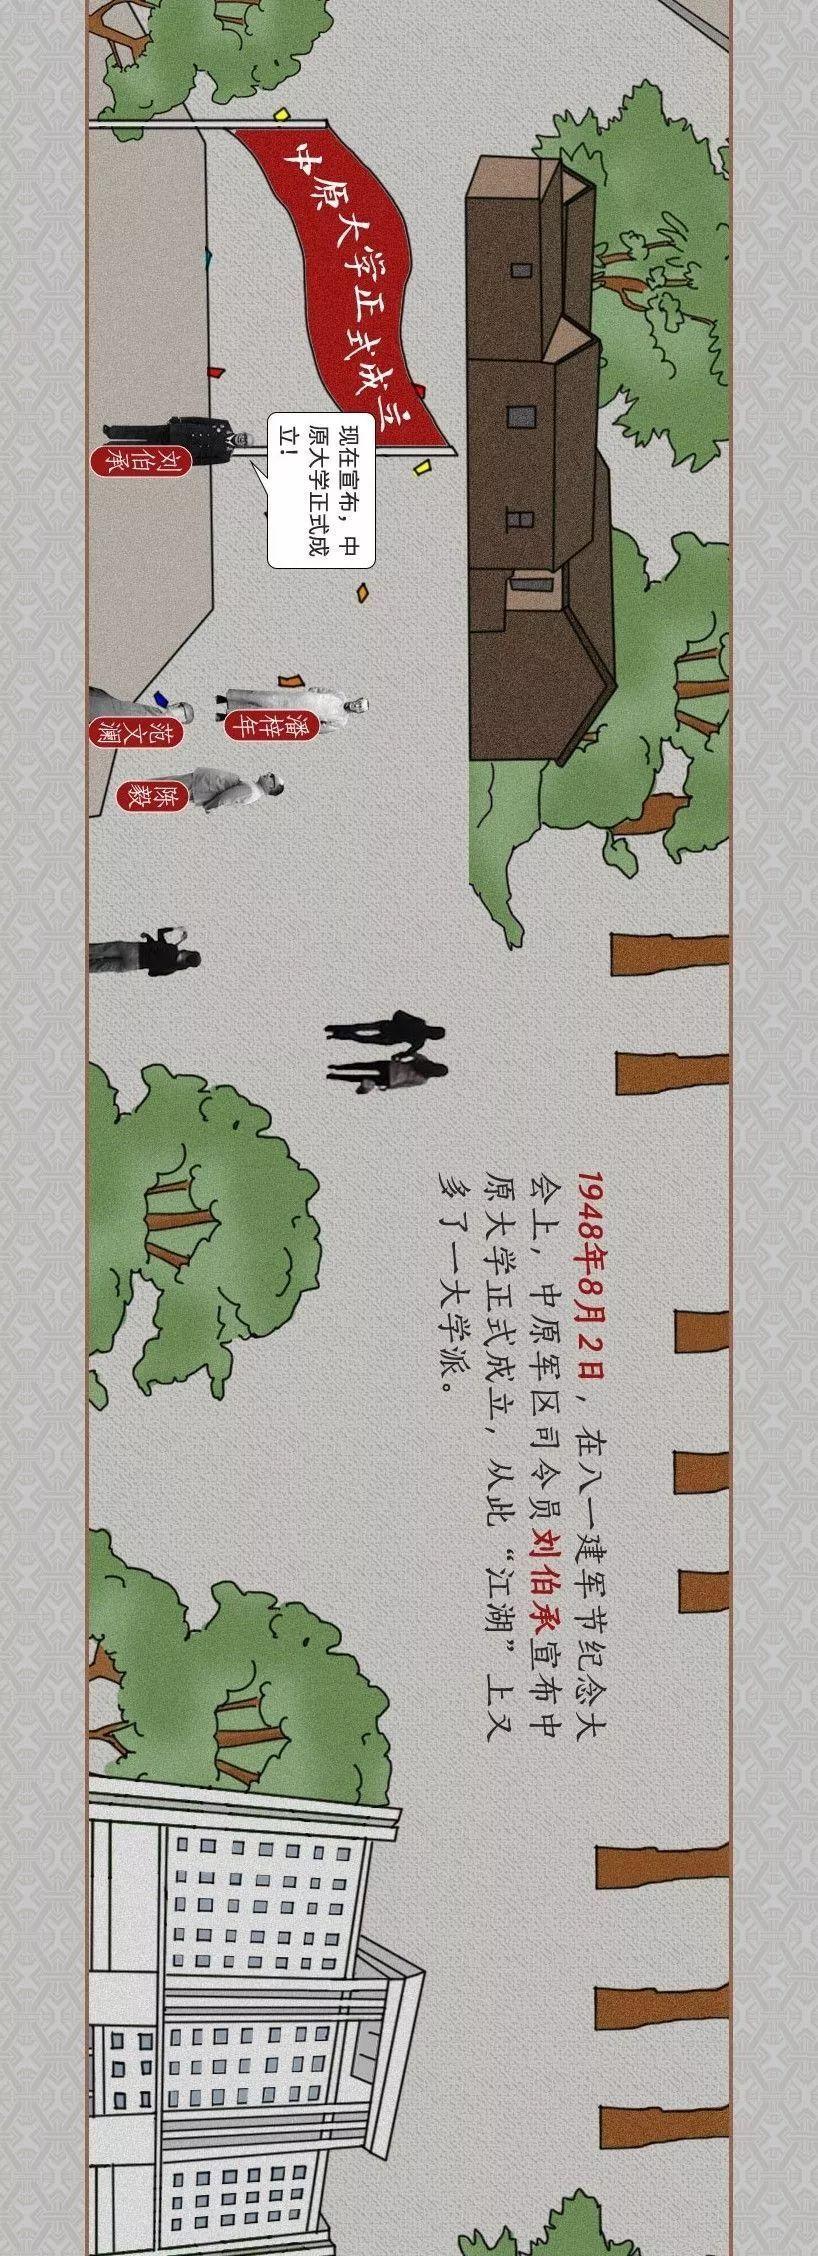 """第61届""""荷赛""""名次公布,1位中国摄影师获奖!"""